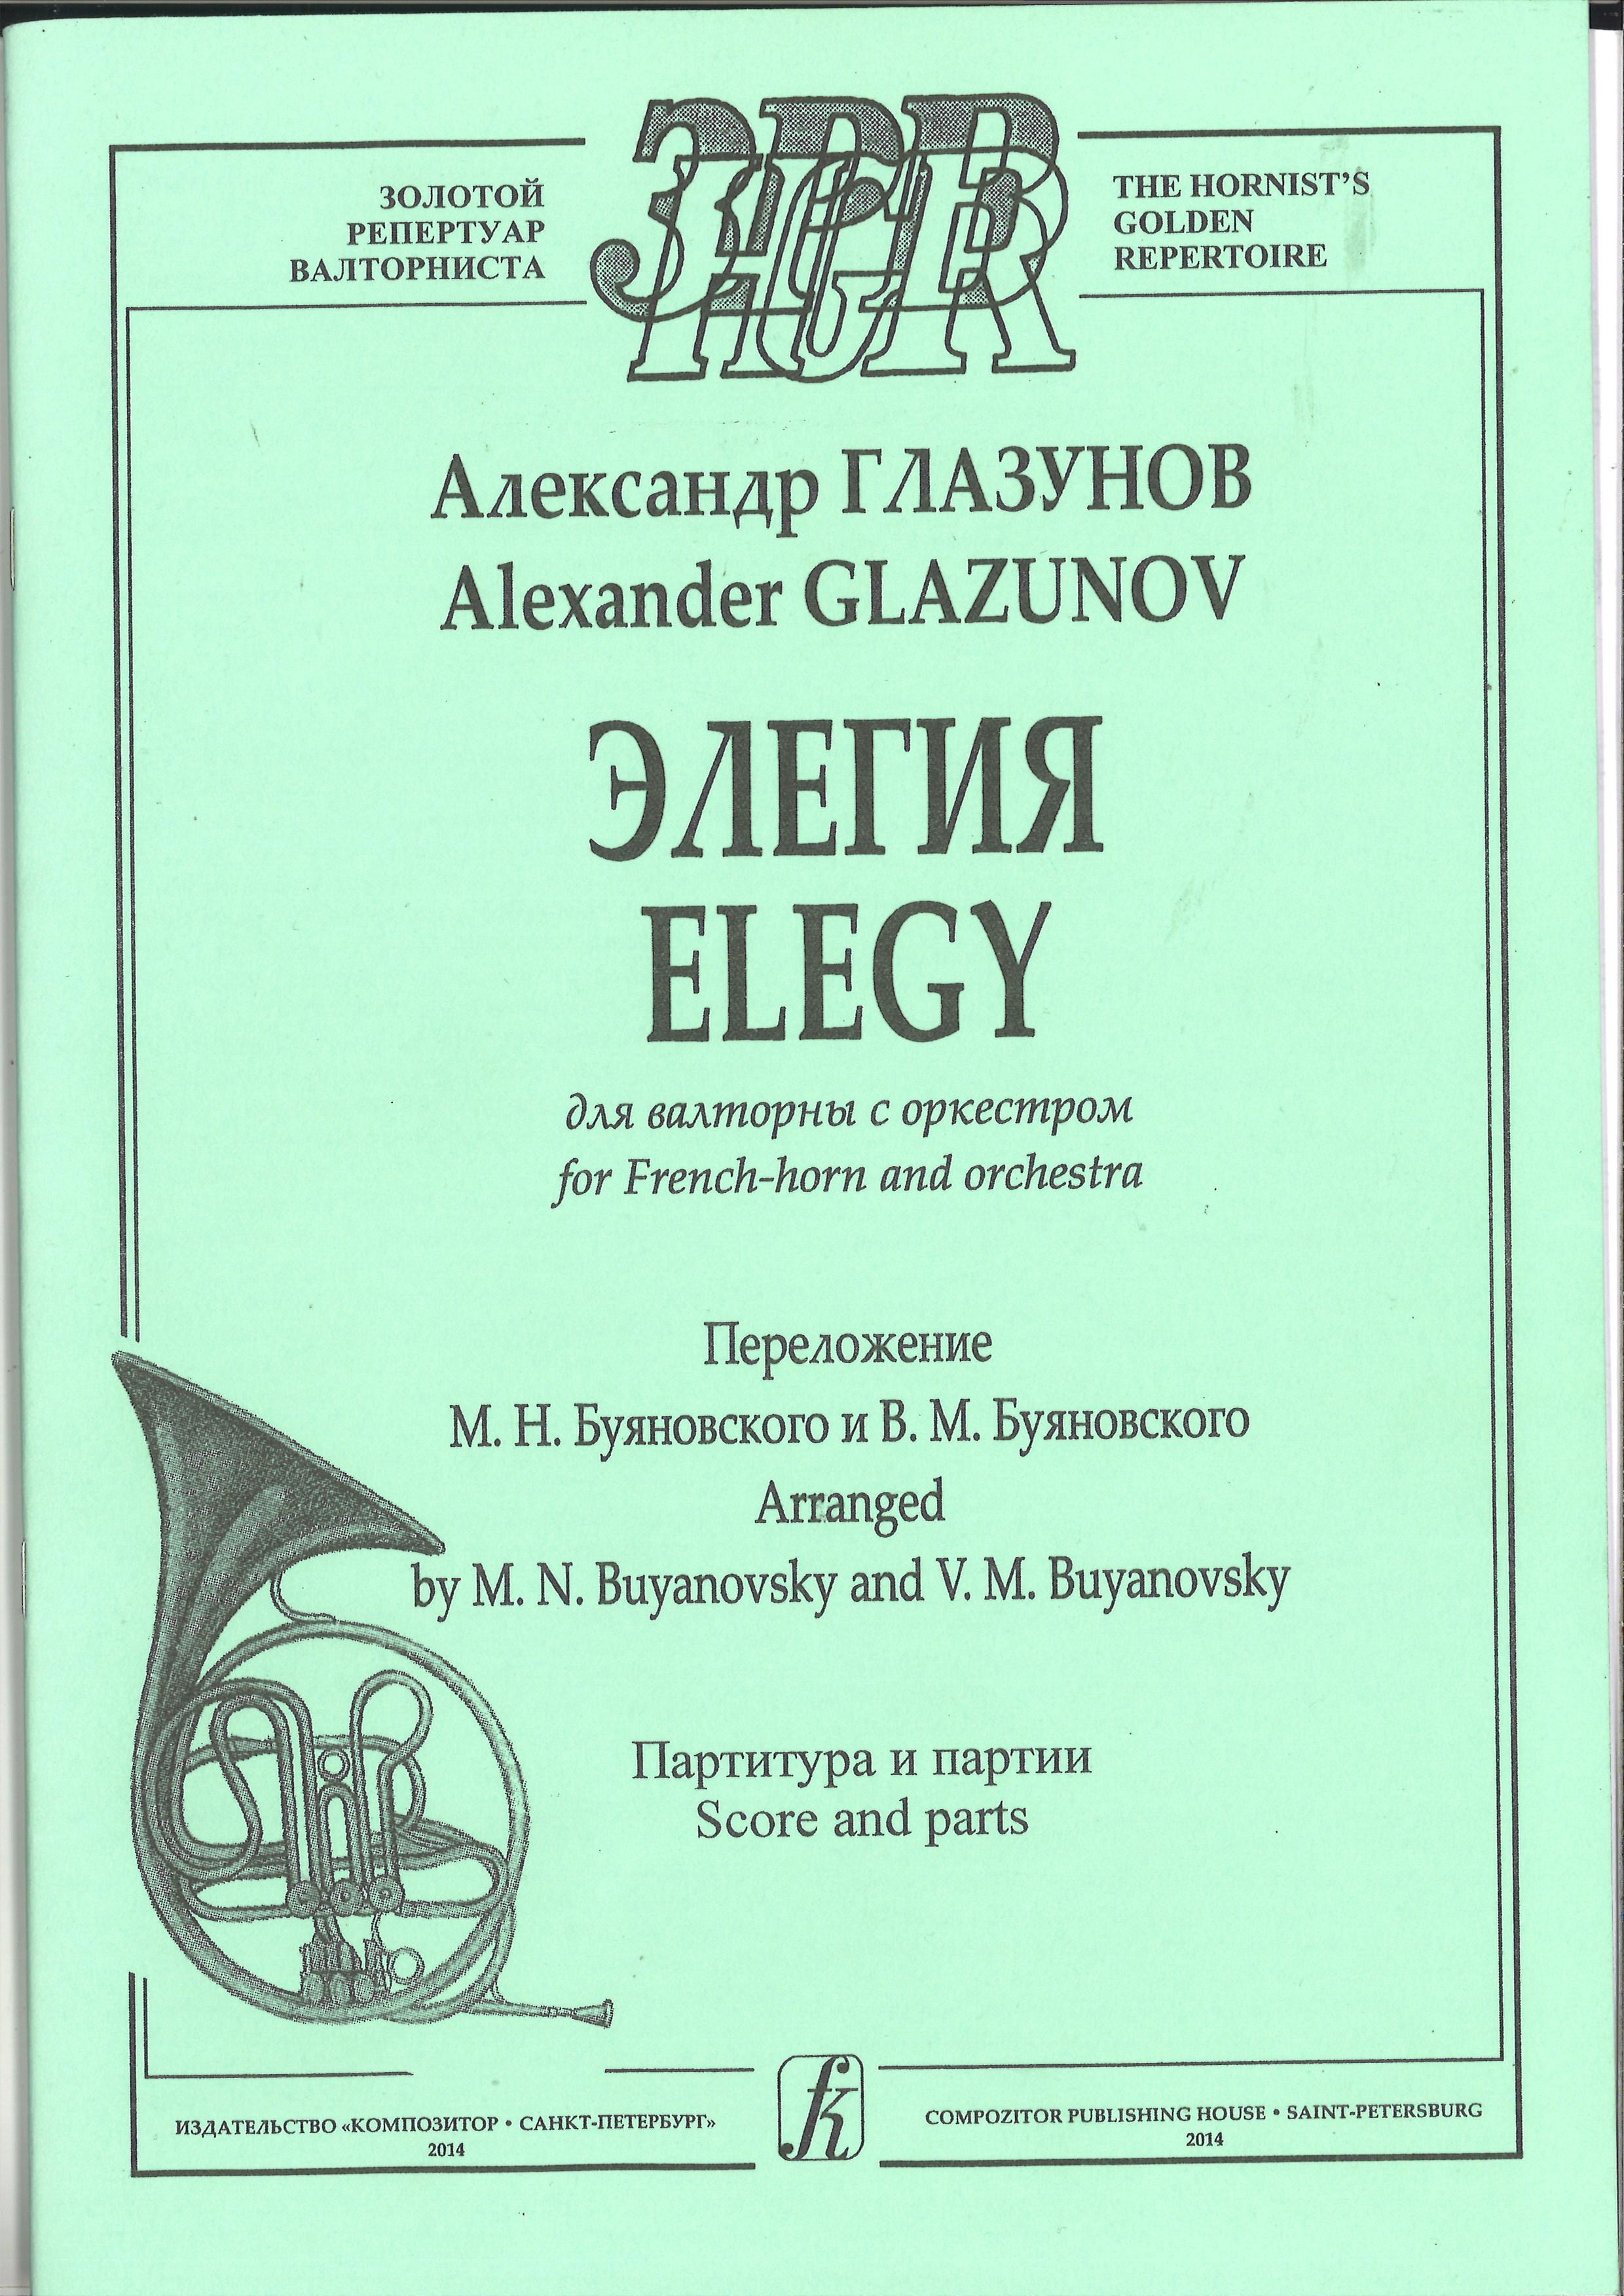 Elegy for French-horn and orchestra. Arranged by M. Buyanovsky and V. Buyanovsky. Score